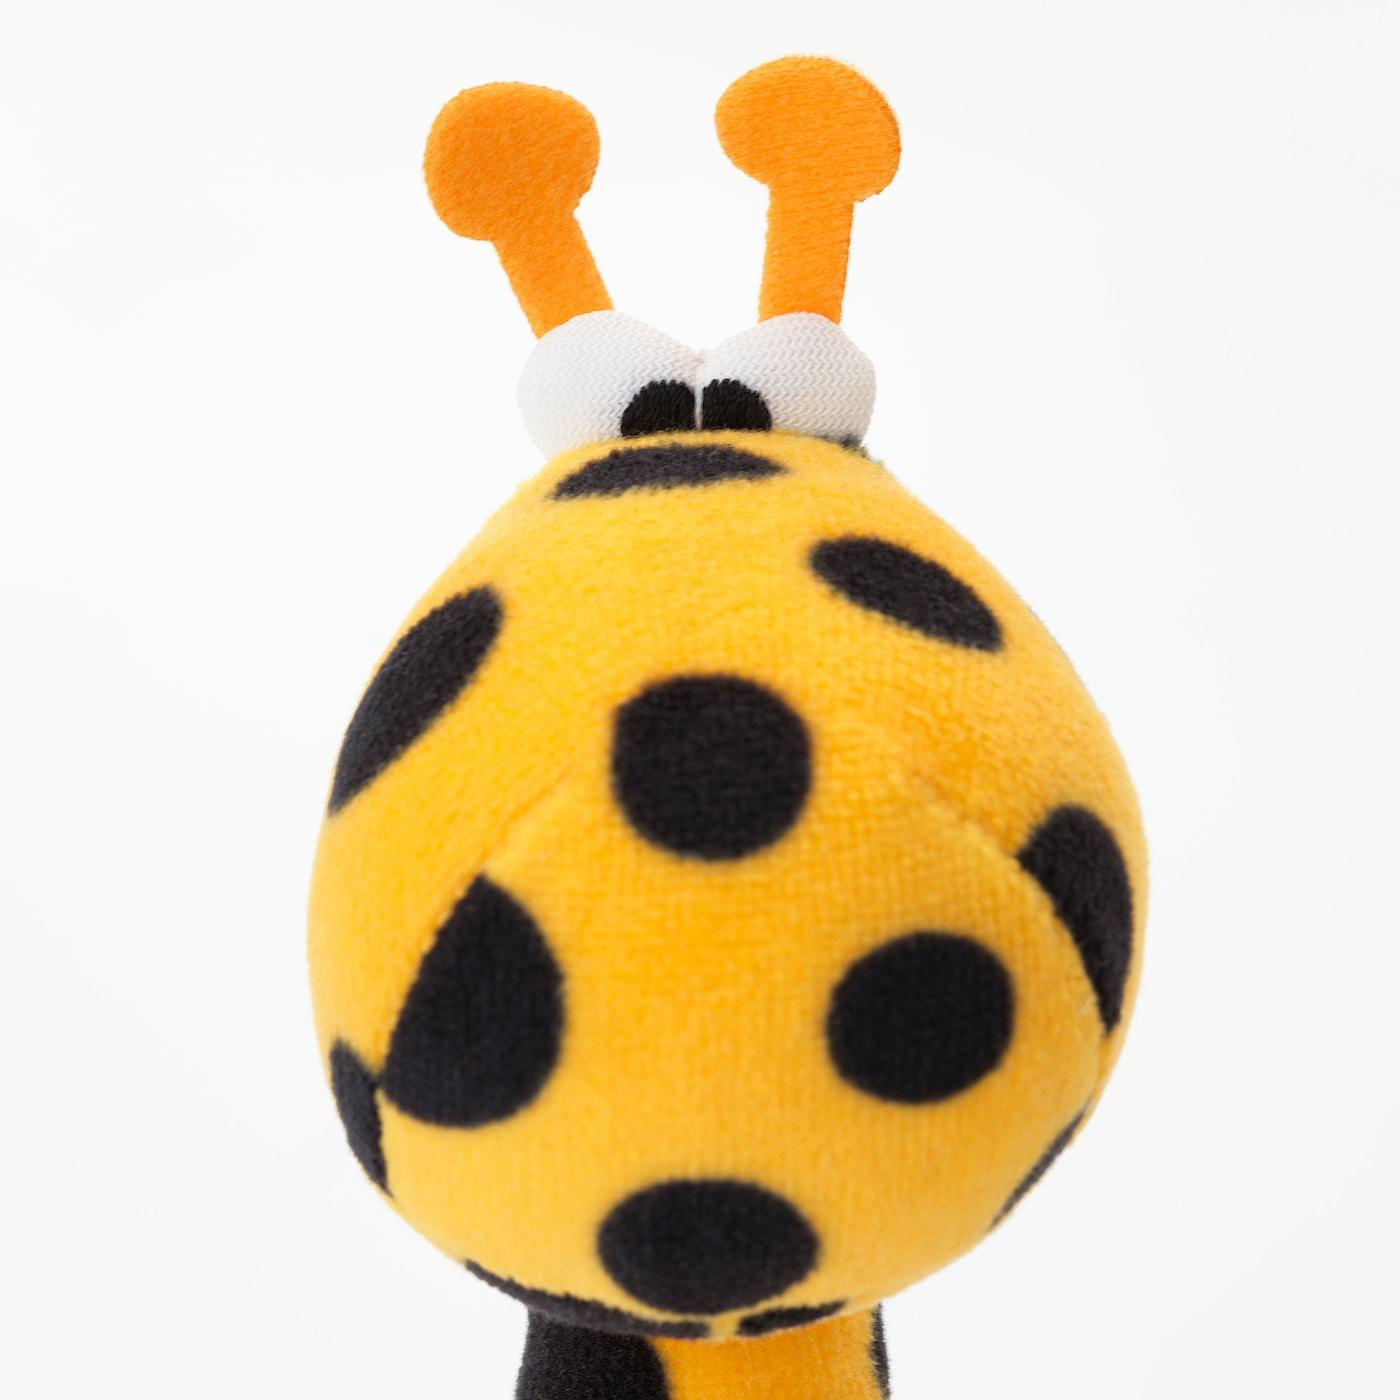 KLAPPA chrastítko barevné/žlutá 14 cm